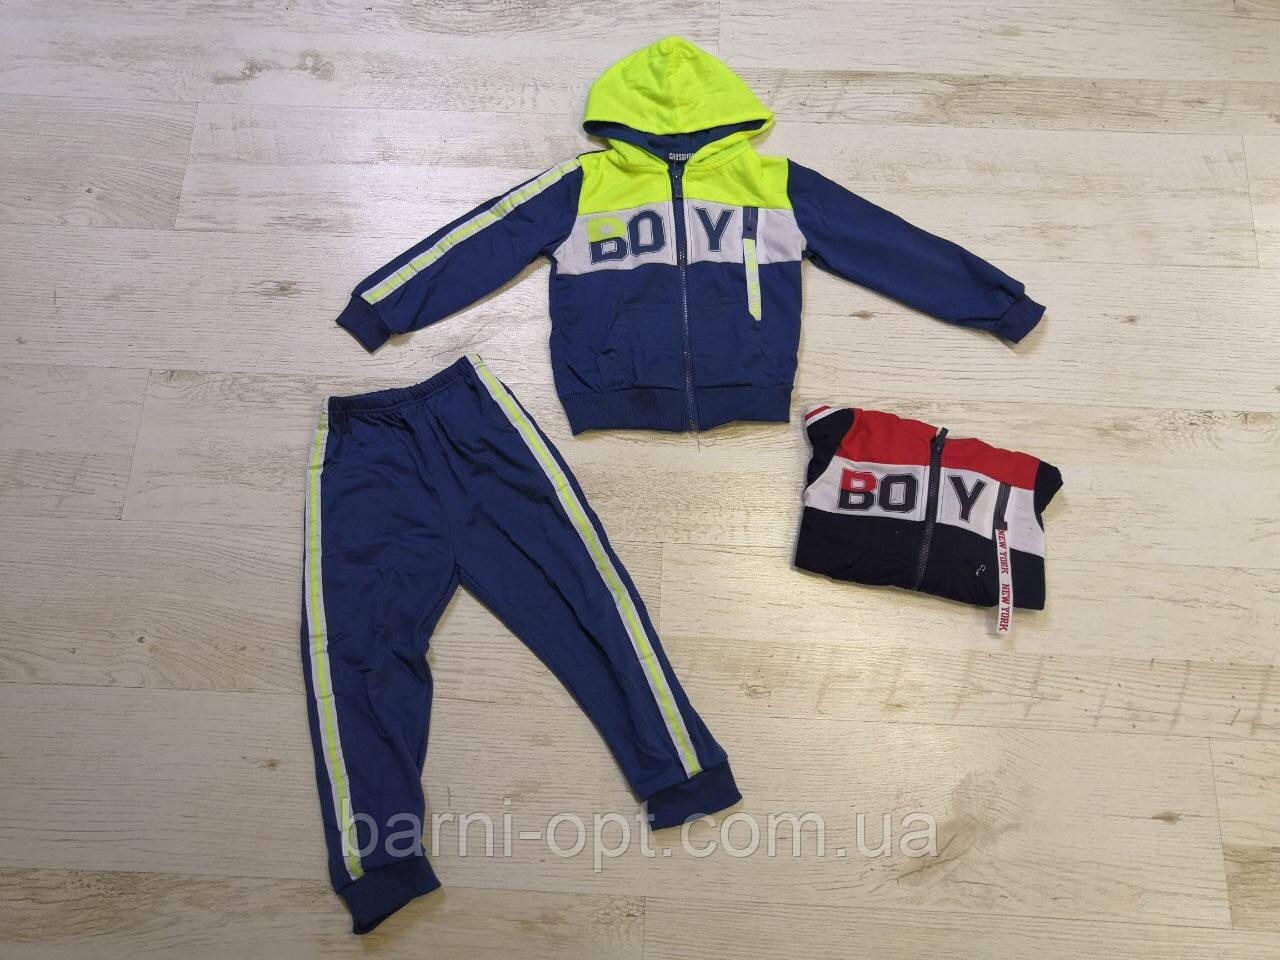 7e4f68af Трикотажный спортивный костюм на мальчика оптом, Crossfire, 1-5 рр ...